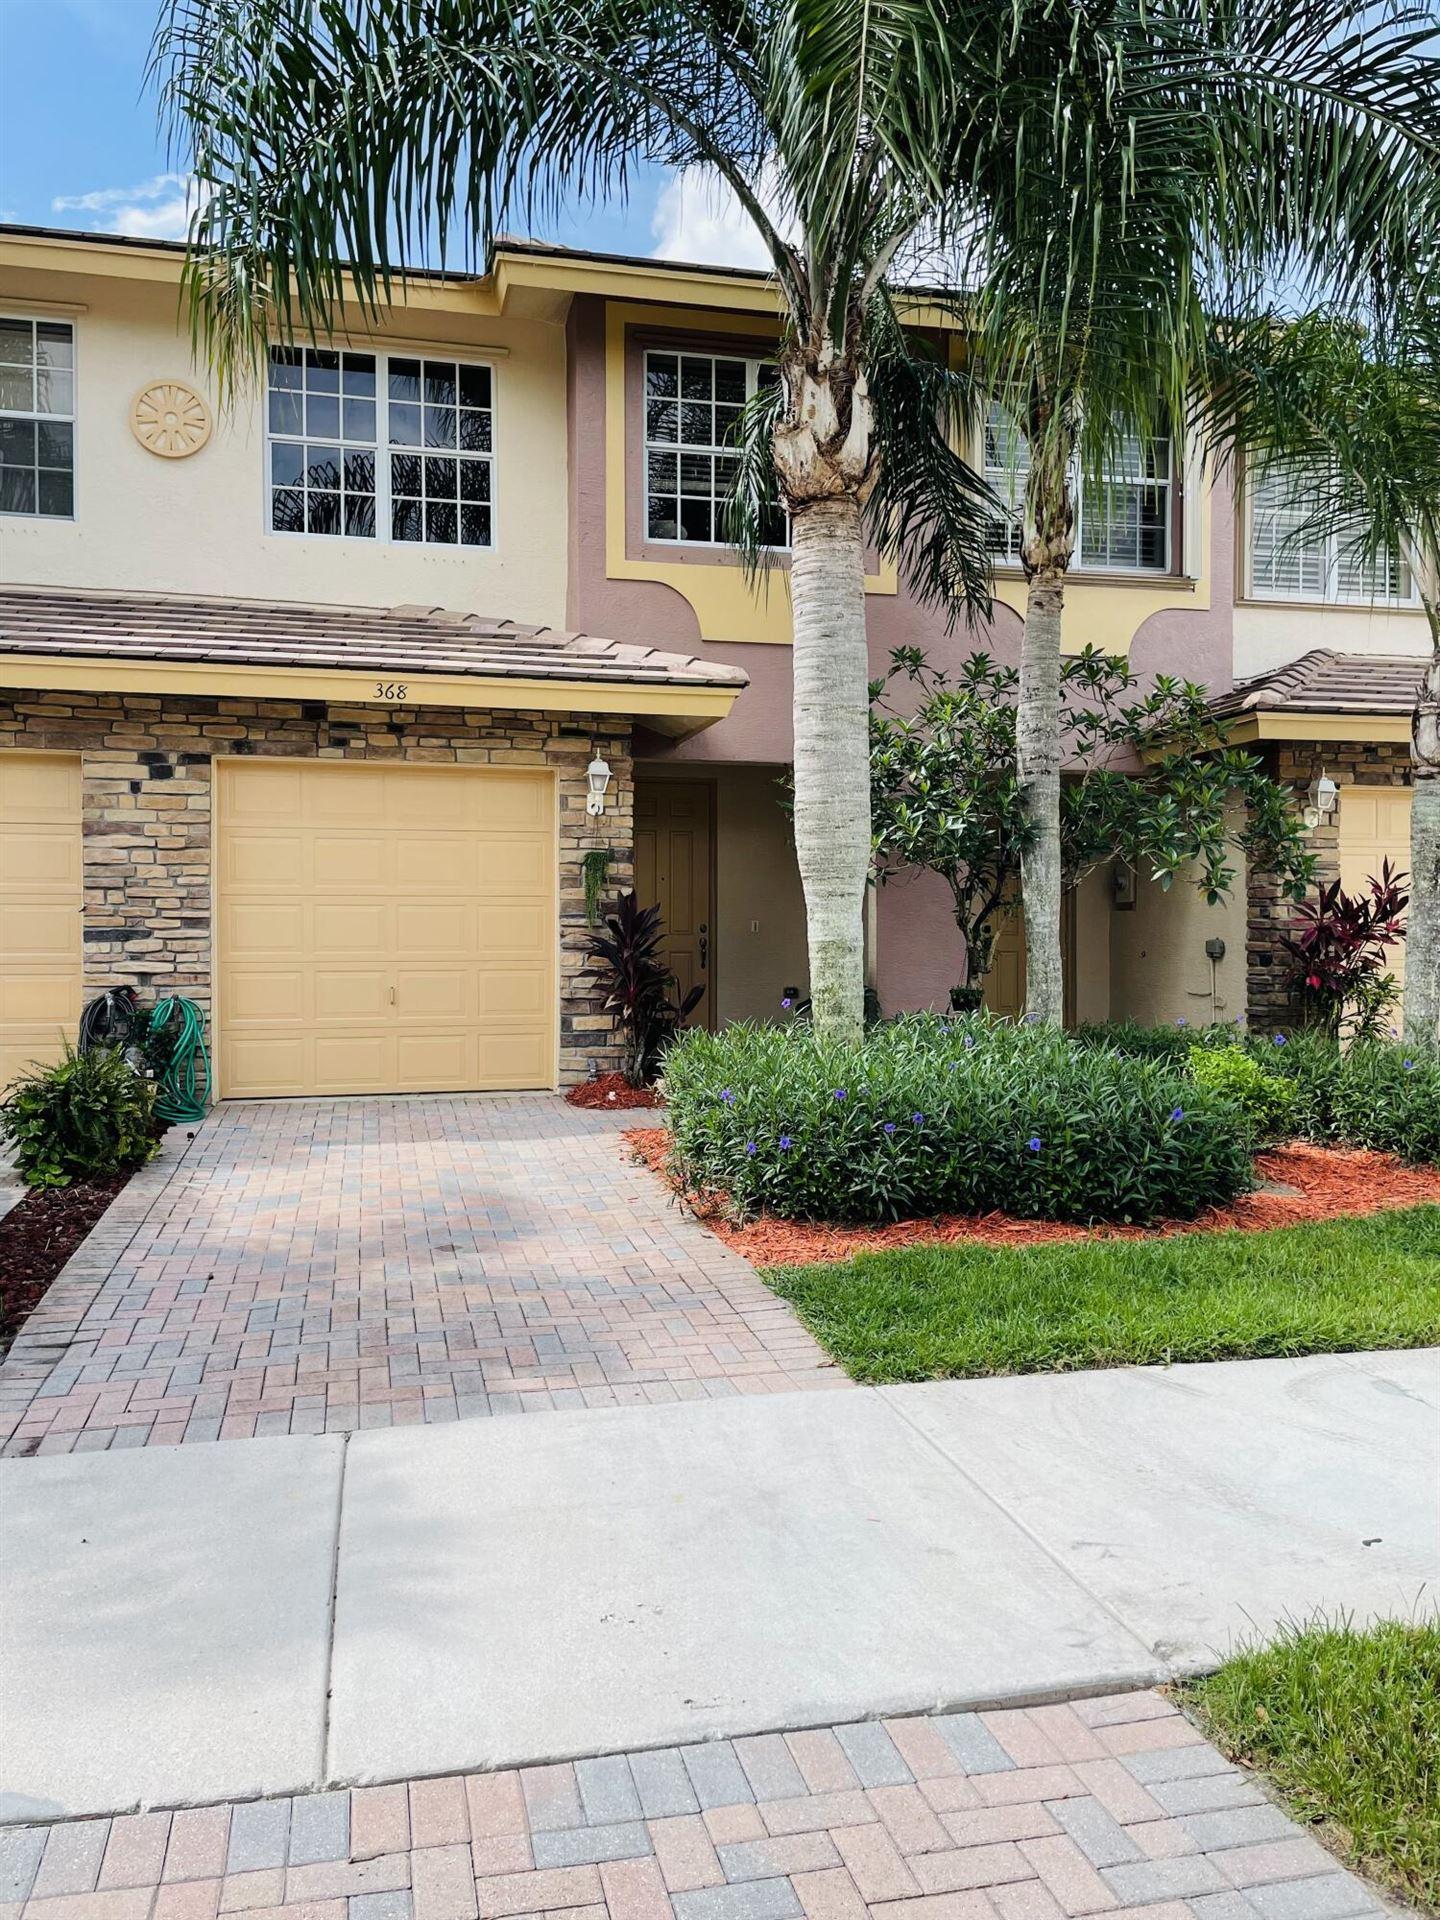 368 SE Bloxham Way, Stuart, FL 34997 - #: RX-10732138